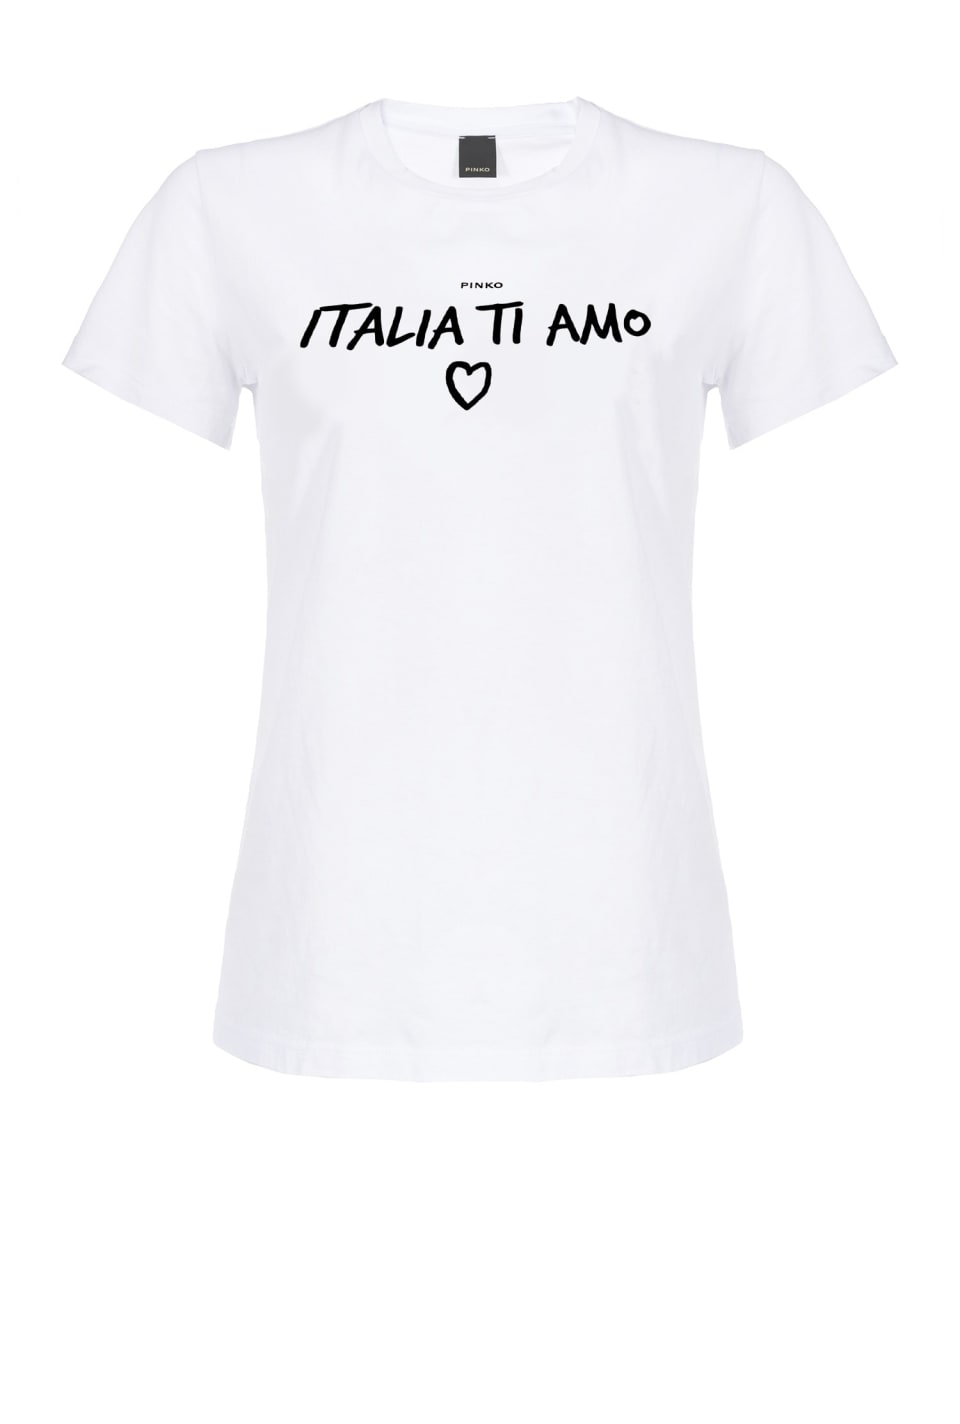 「Italia Ti Amo」 Tシャツ